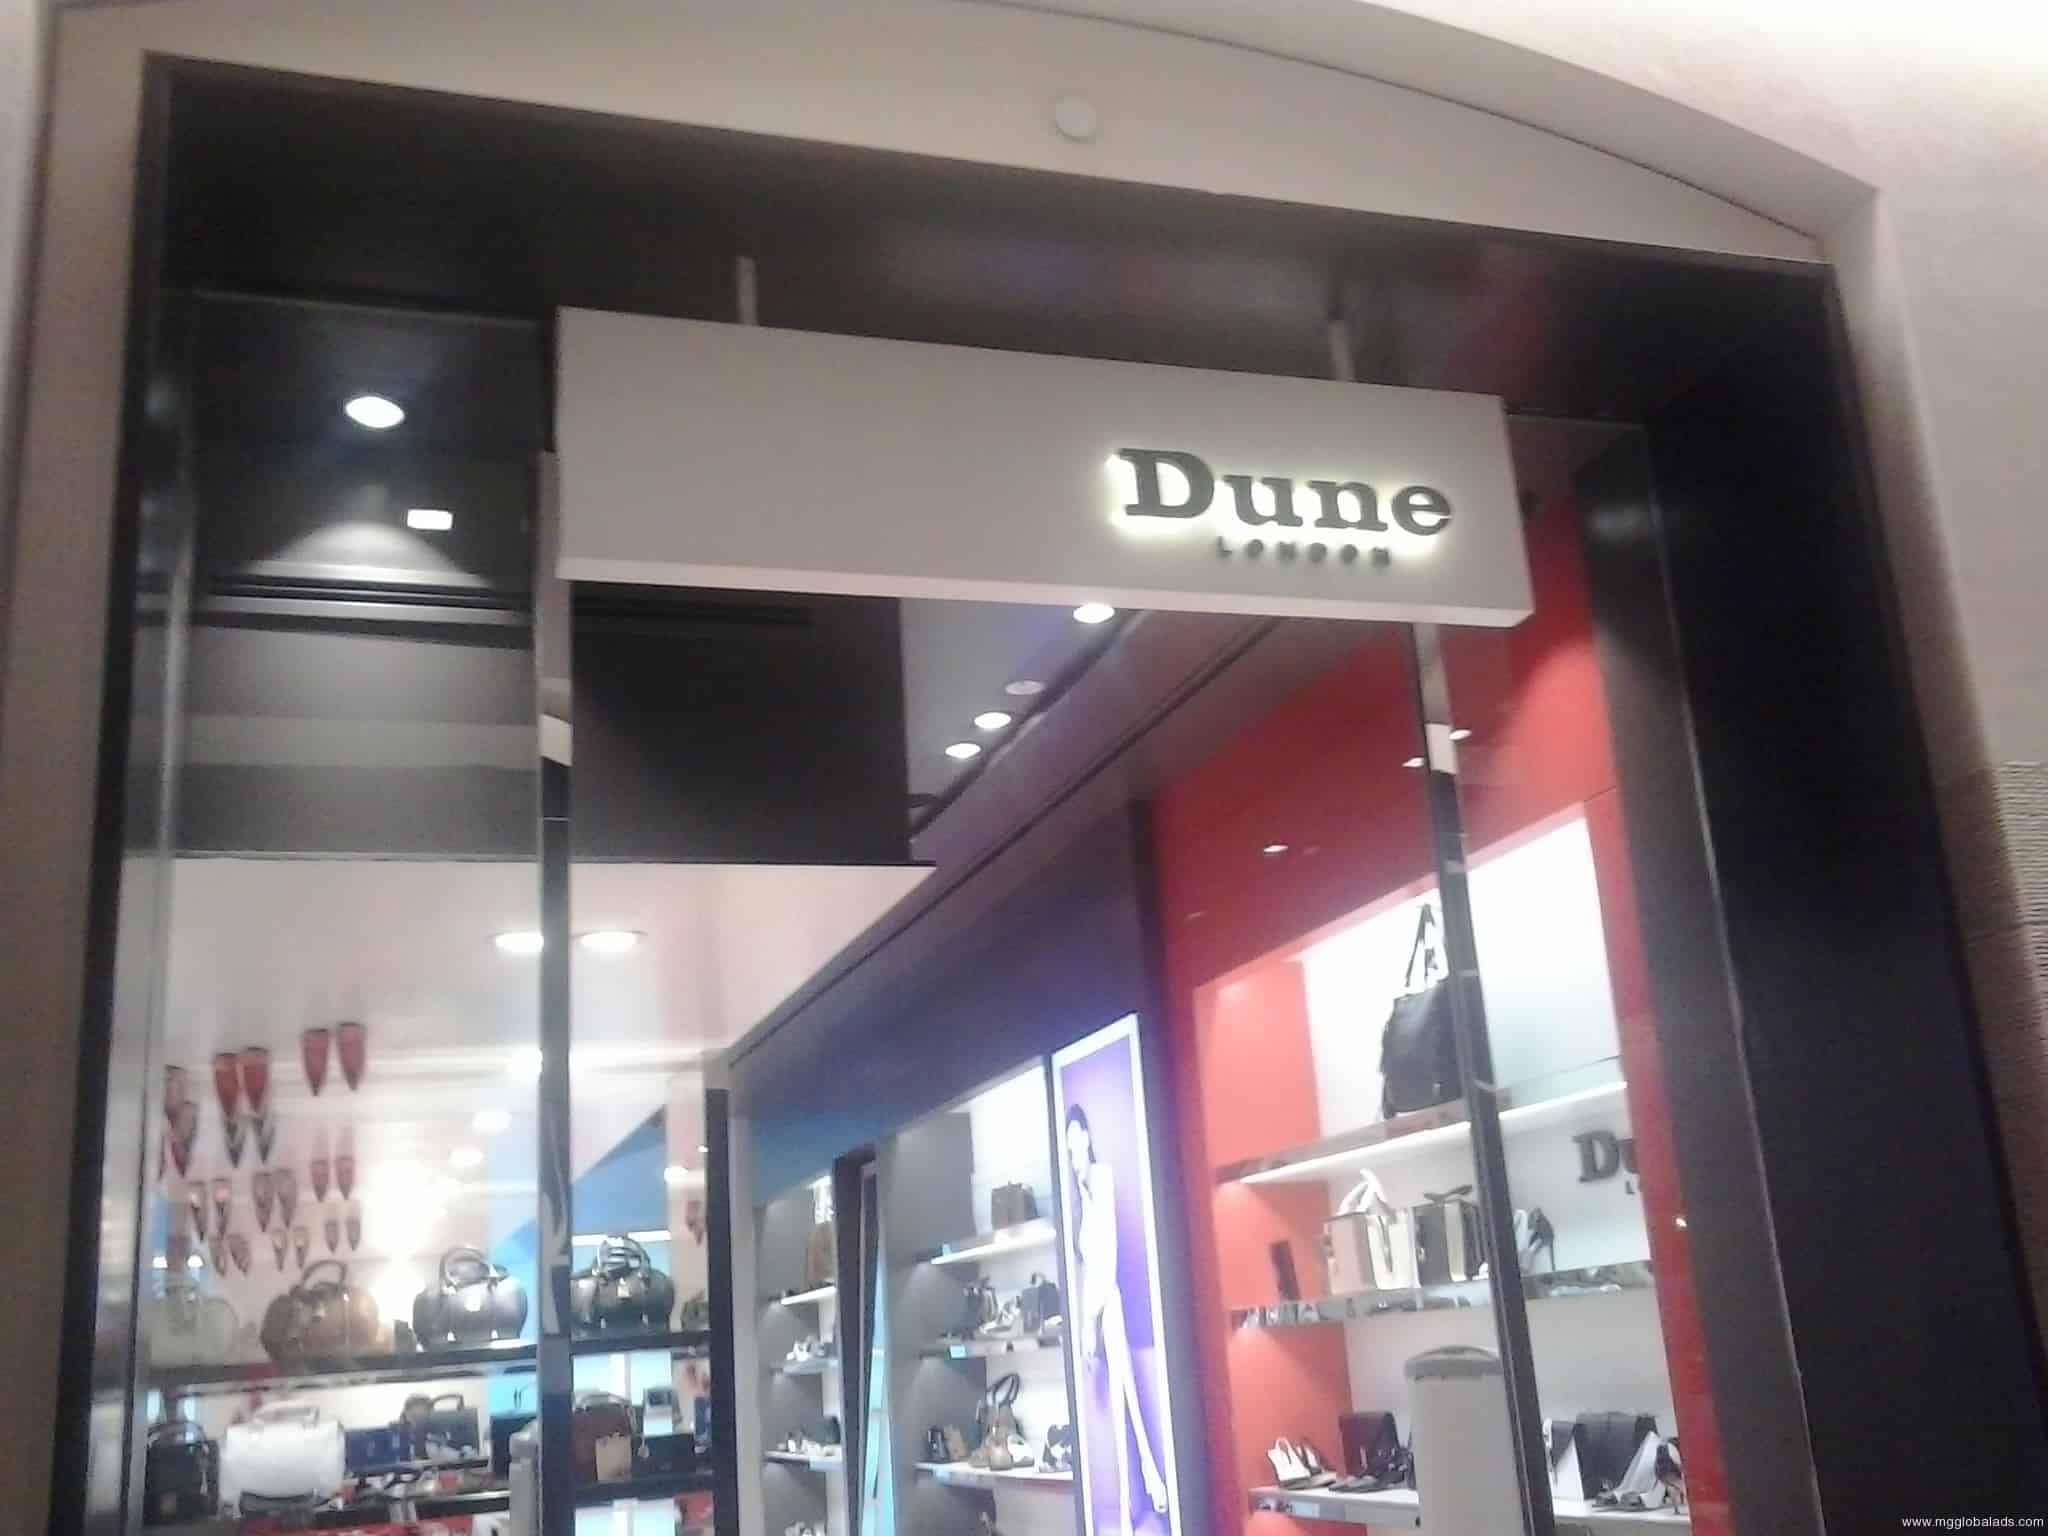 Dunes store signage|stainless signage